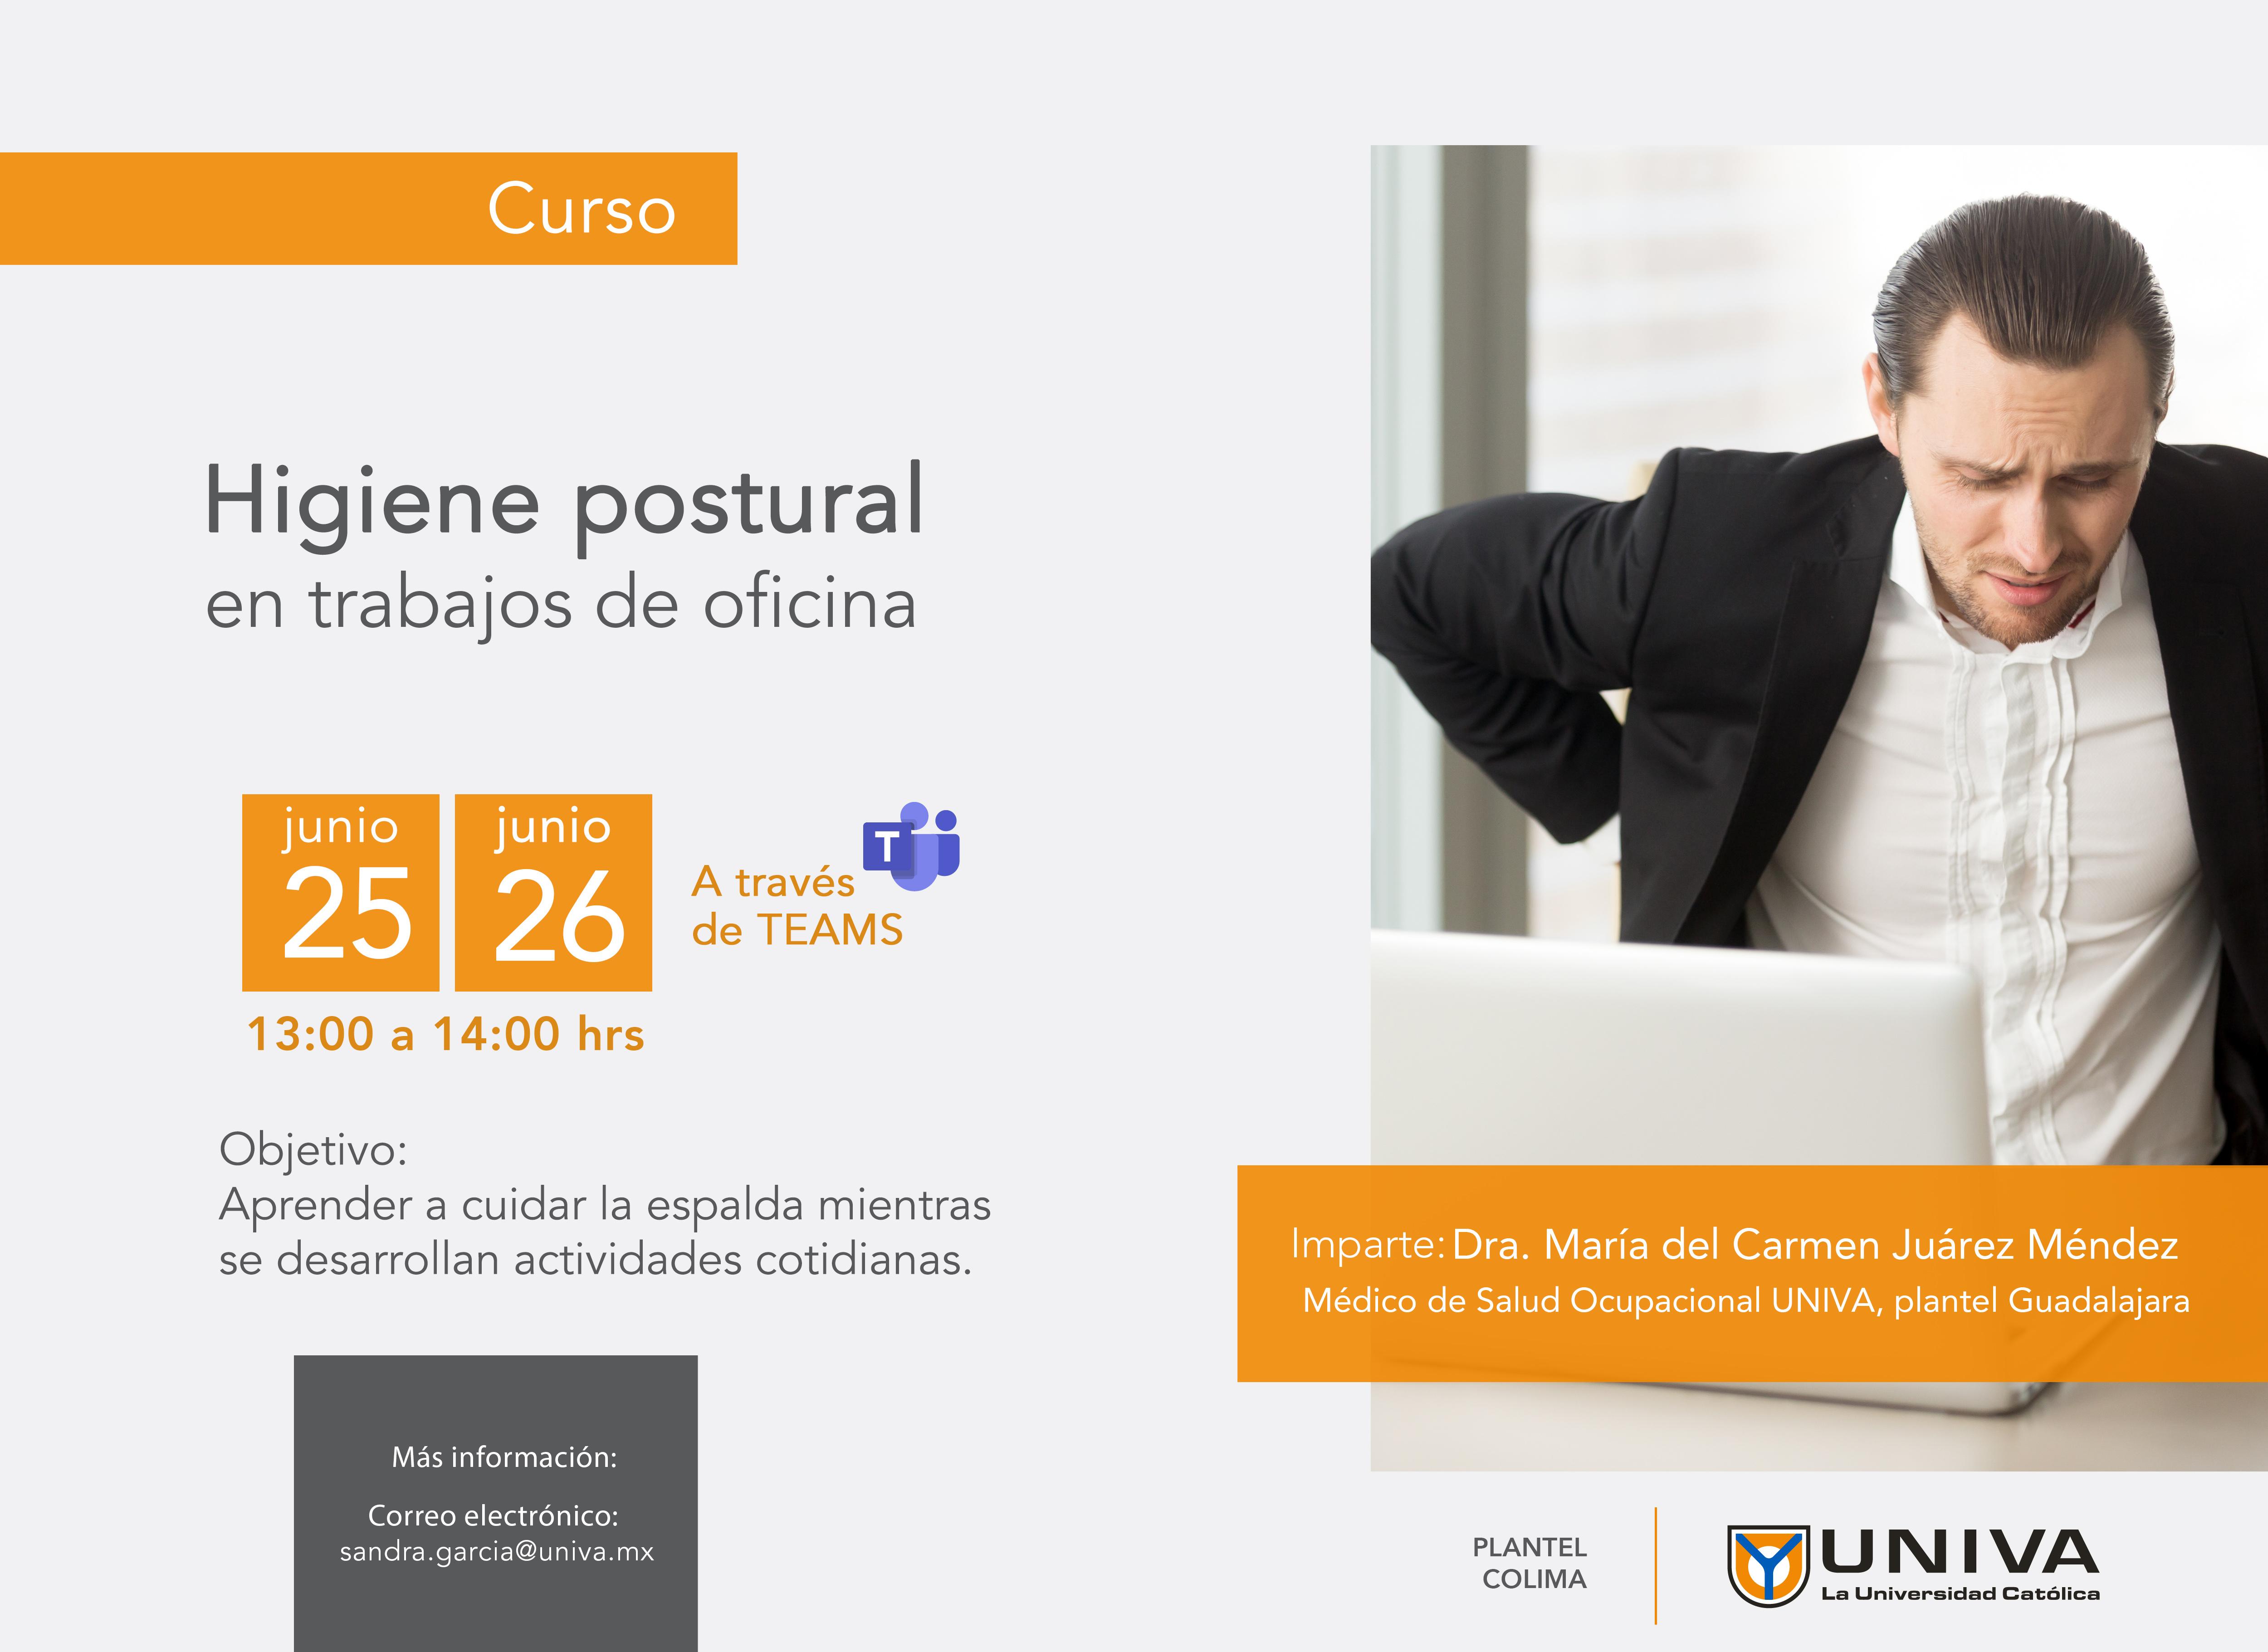 Curso: Higiene postural en trabajos de oficina